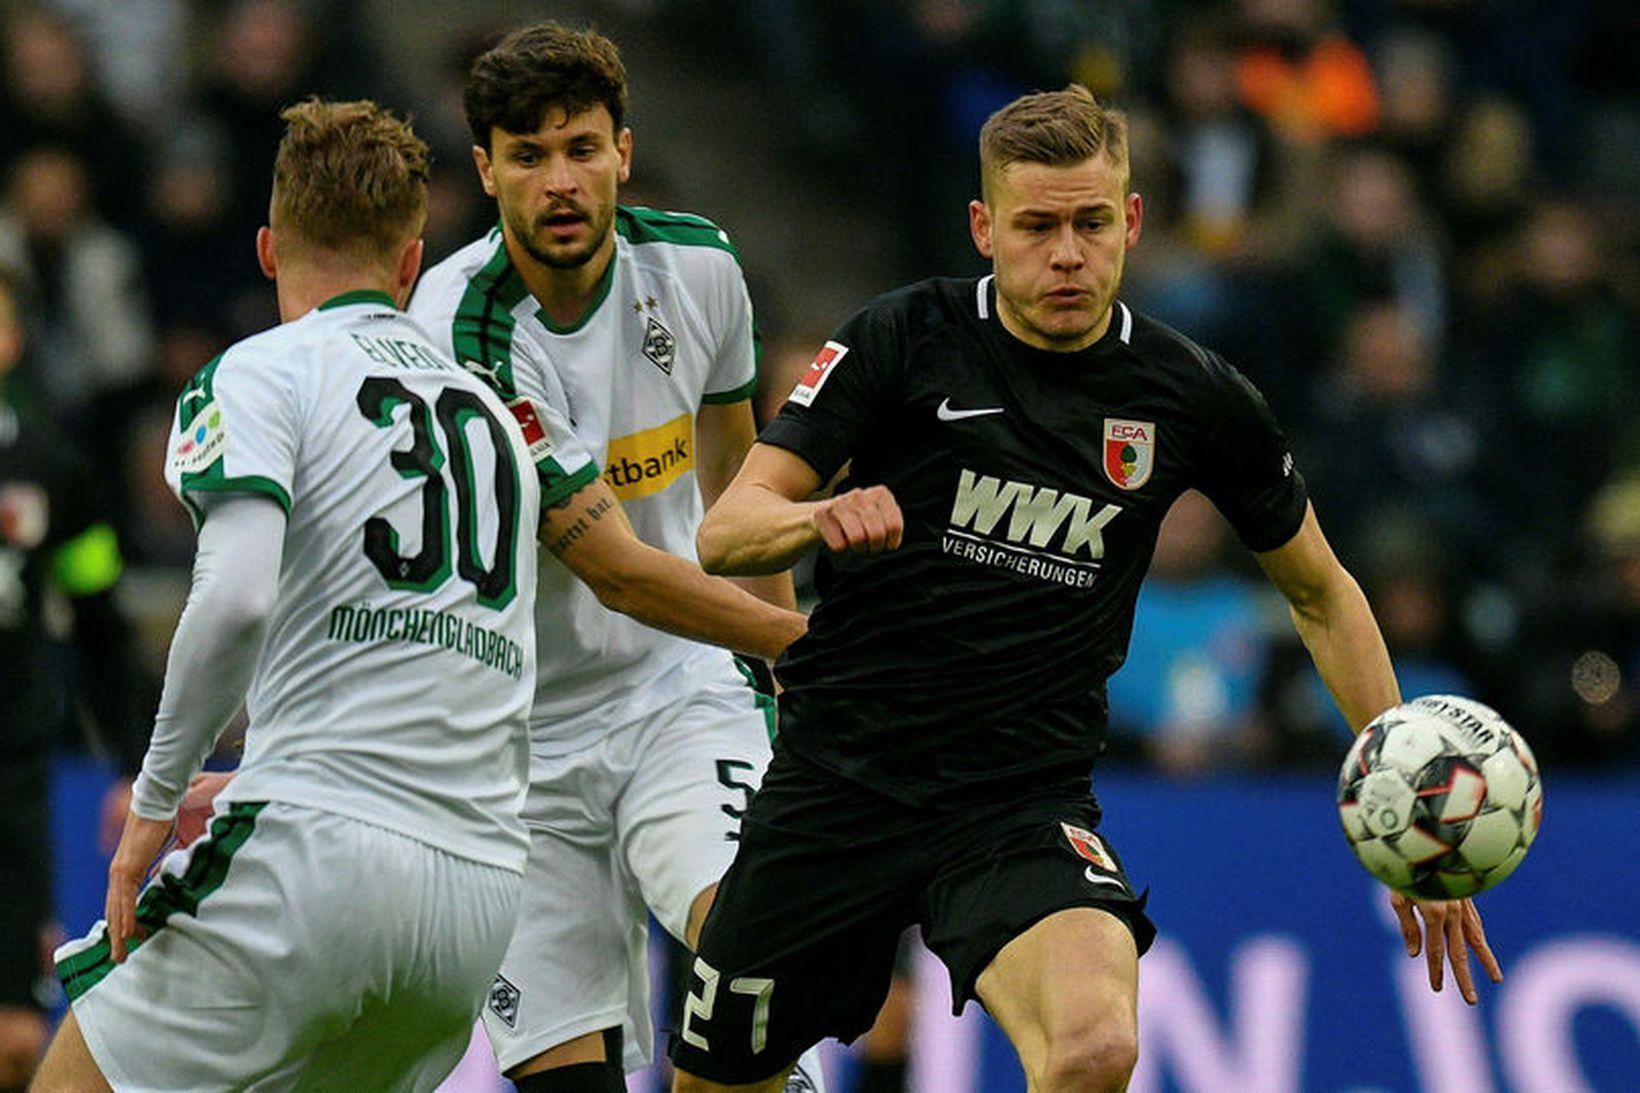 Alfreð Finnbogason fór af velli á 68. mínútu gegn Werder …